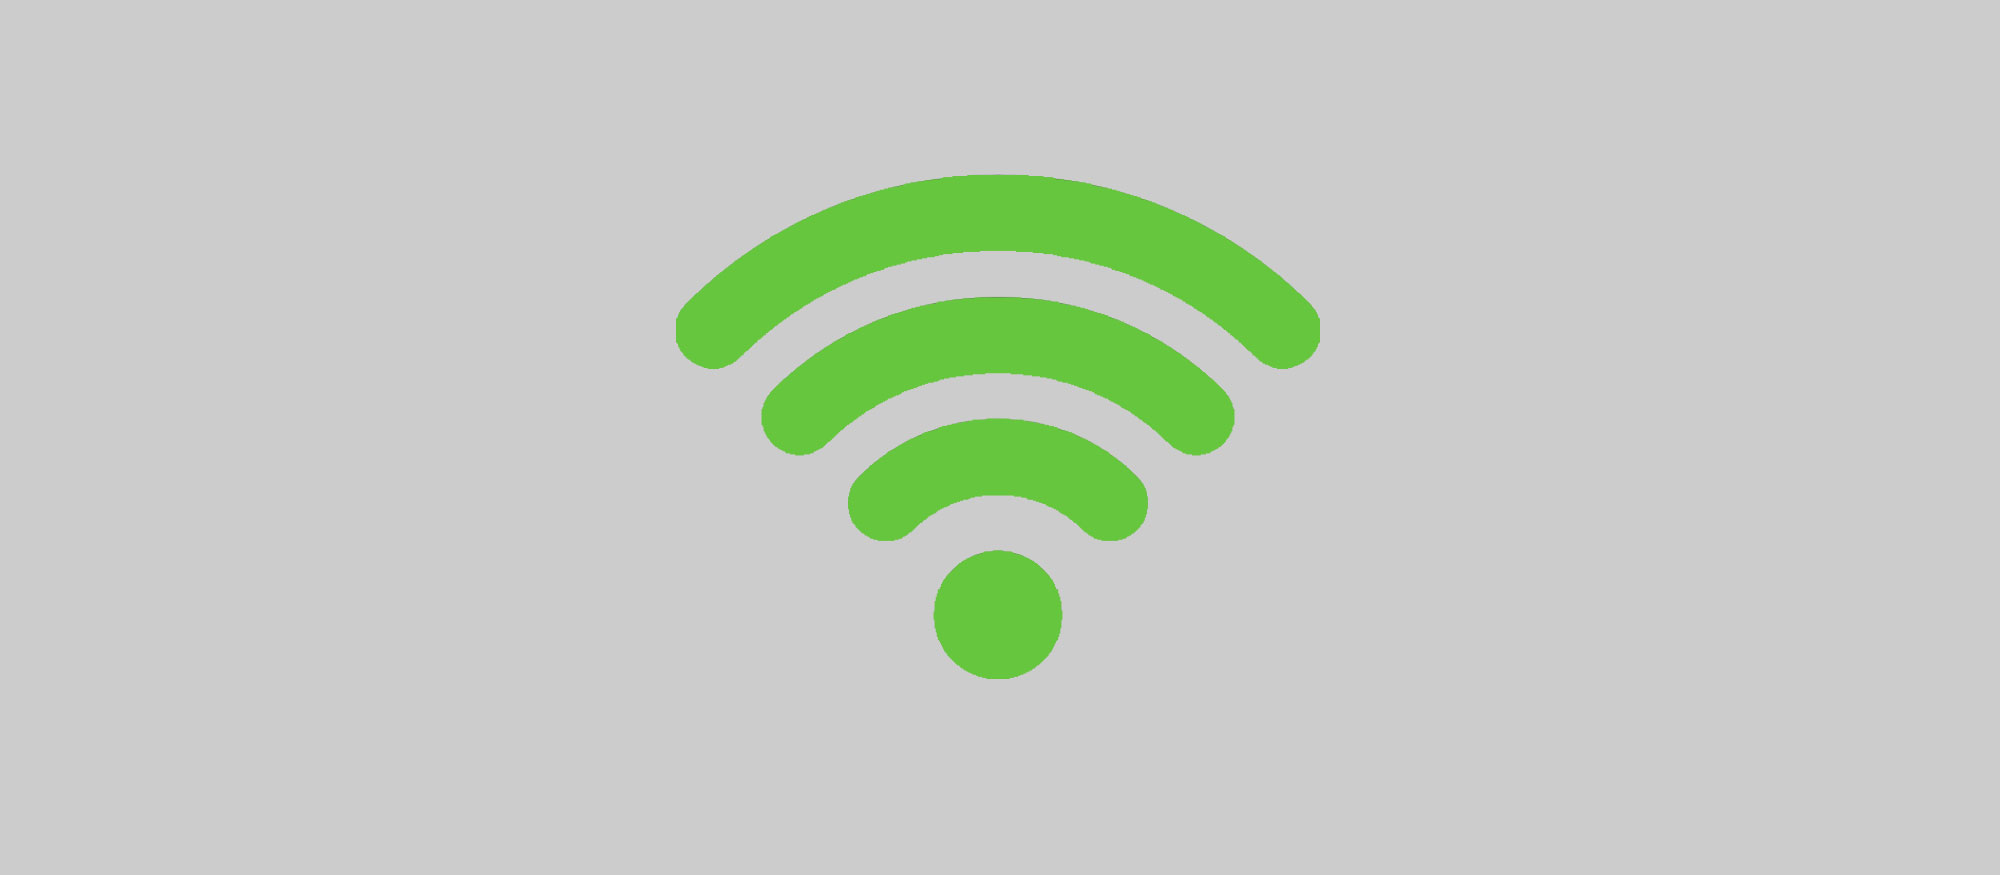 Optimiza la velocidad de Internet por wifi